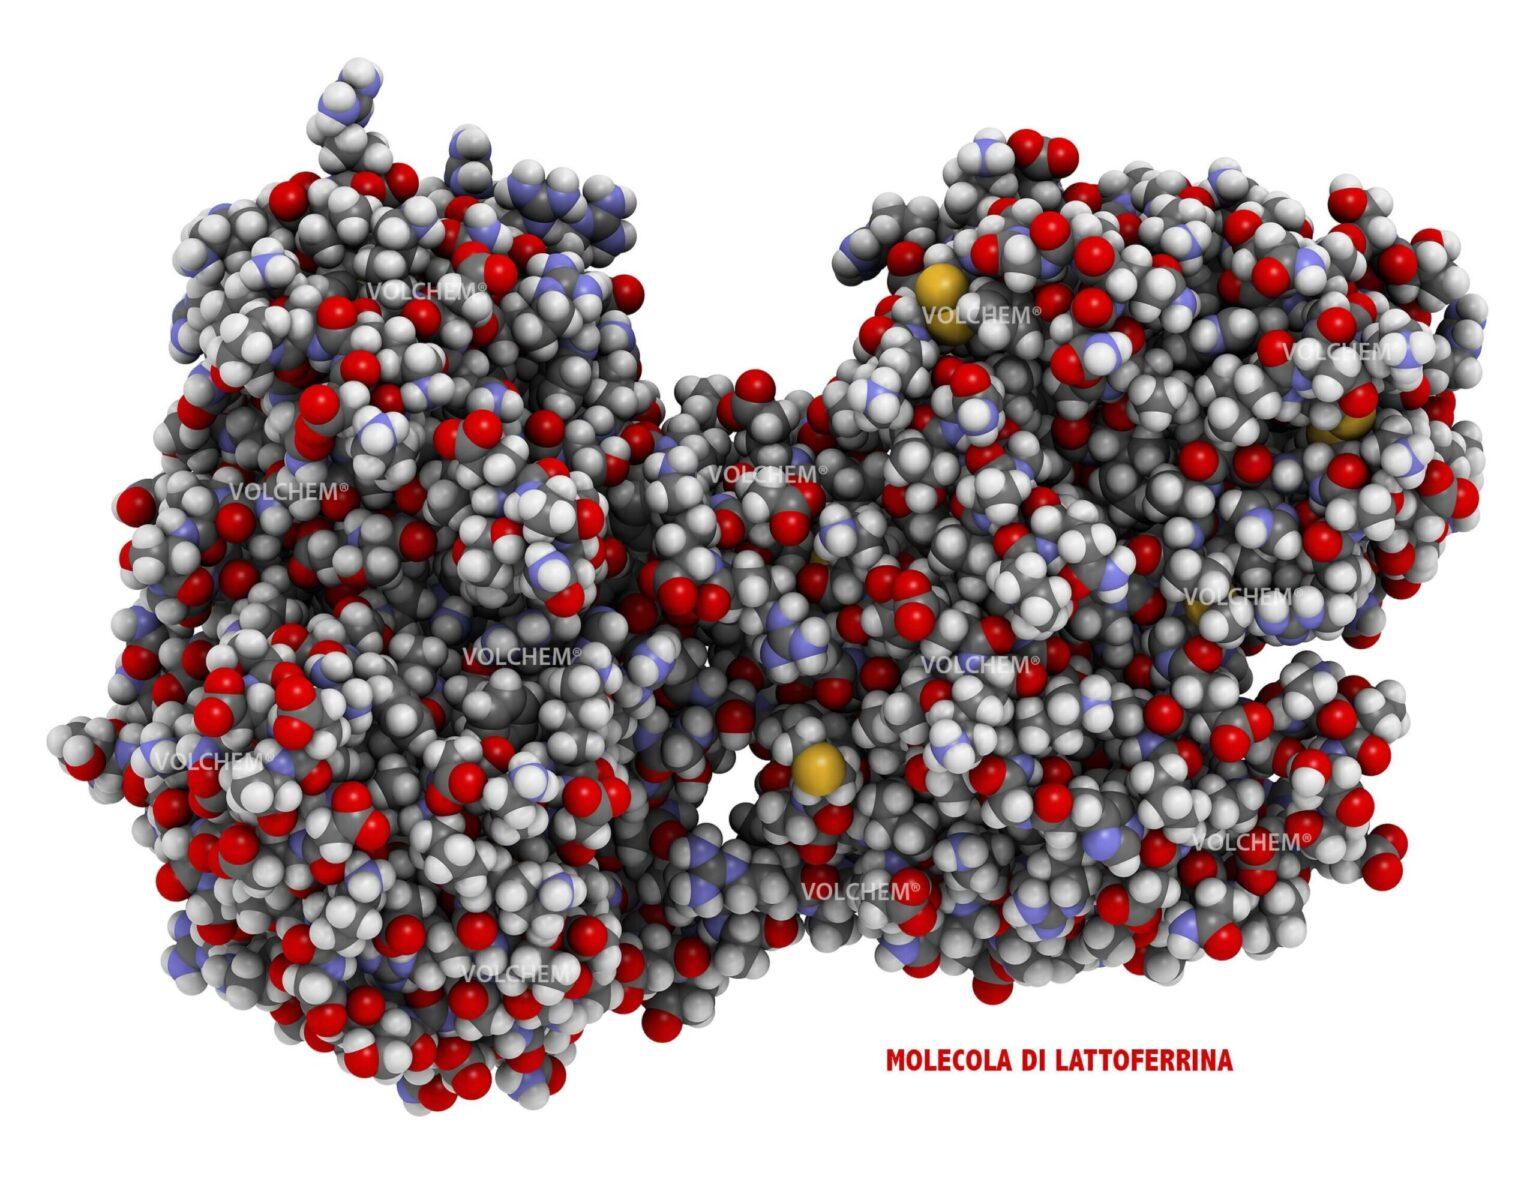 lattoferrina contro covid-19